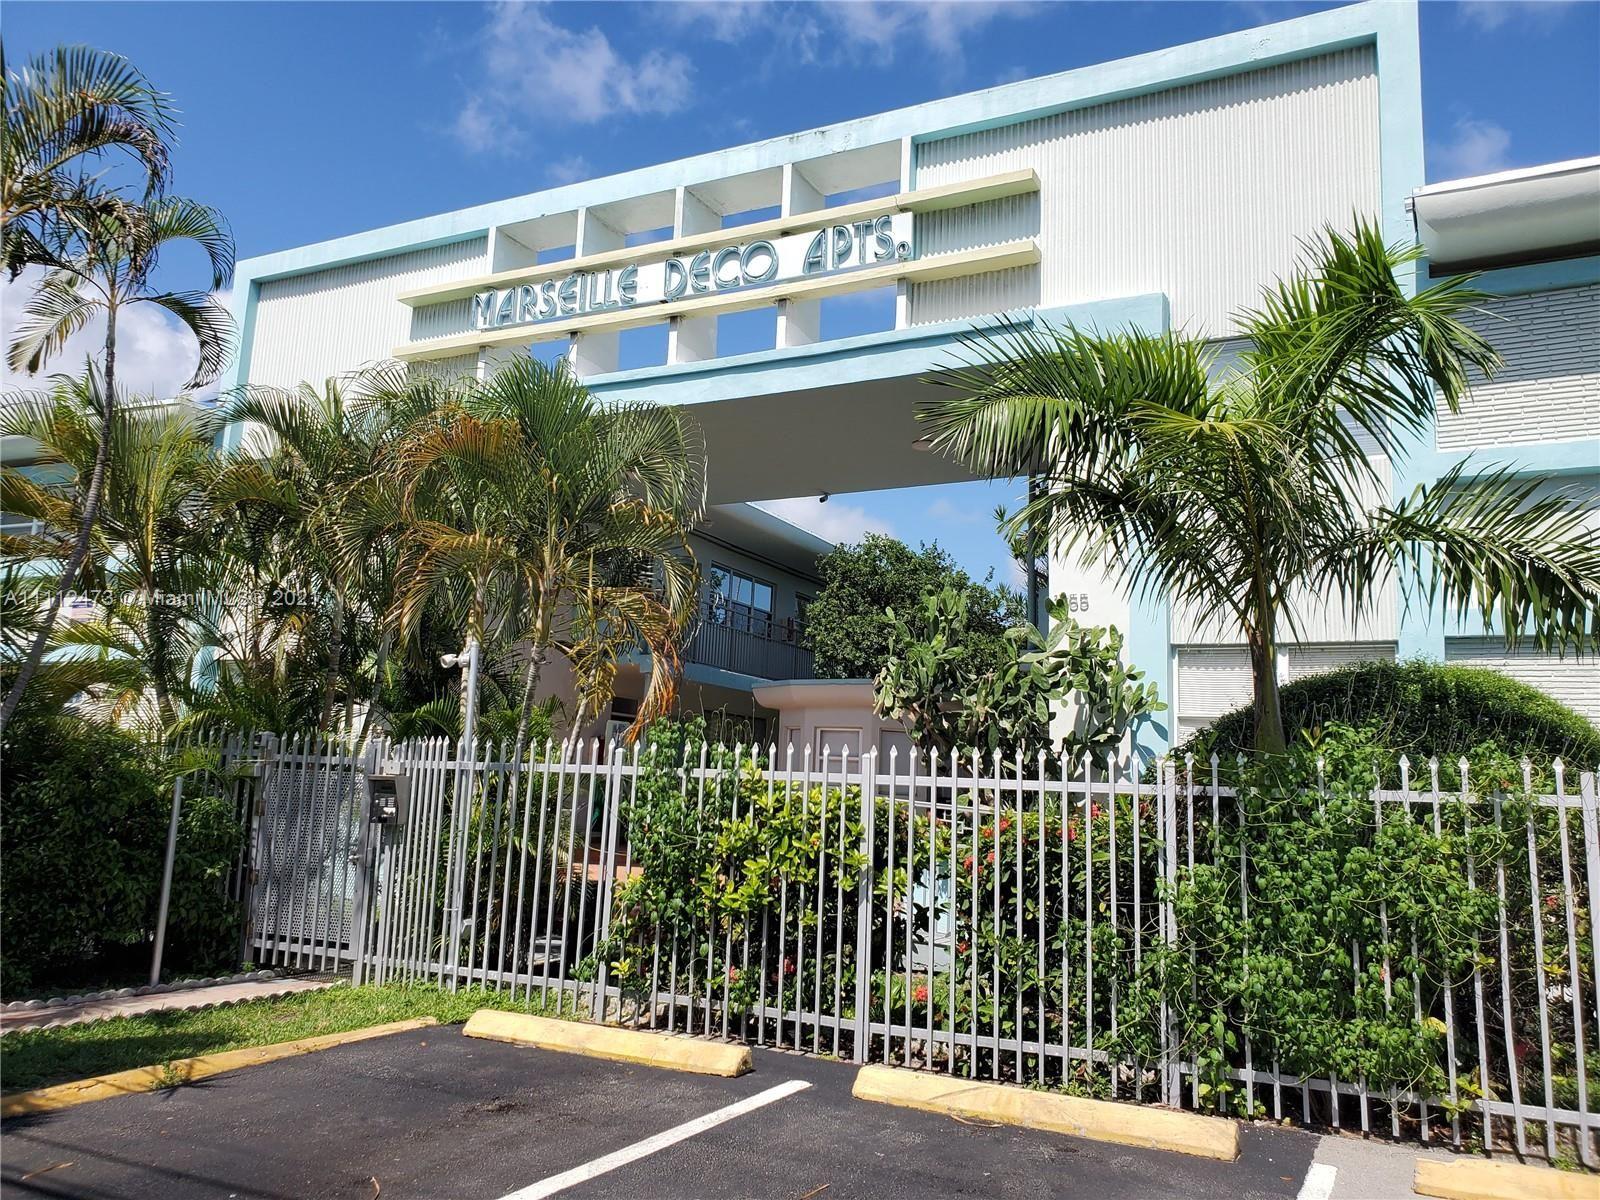 1265 Marseille Dr #32, Miami Beach, FL 33141 - #: A11112473